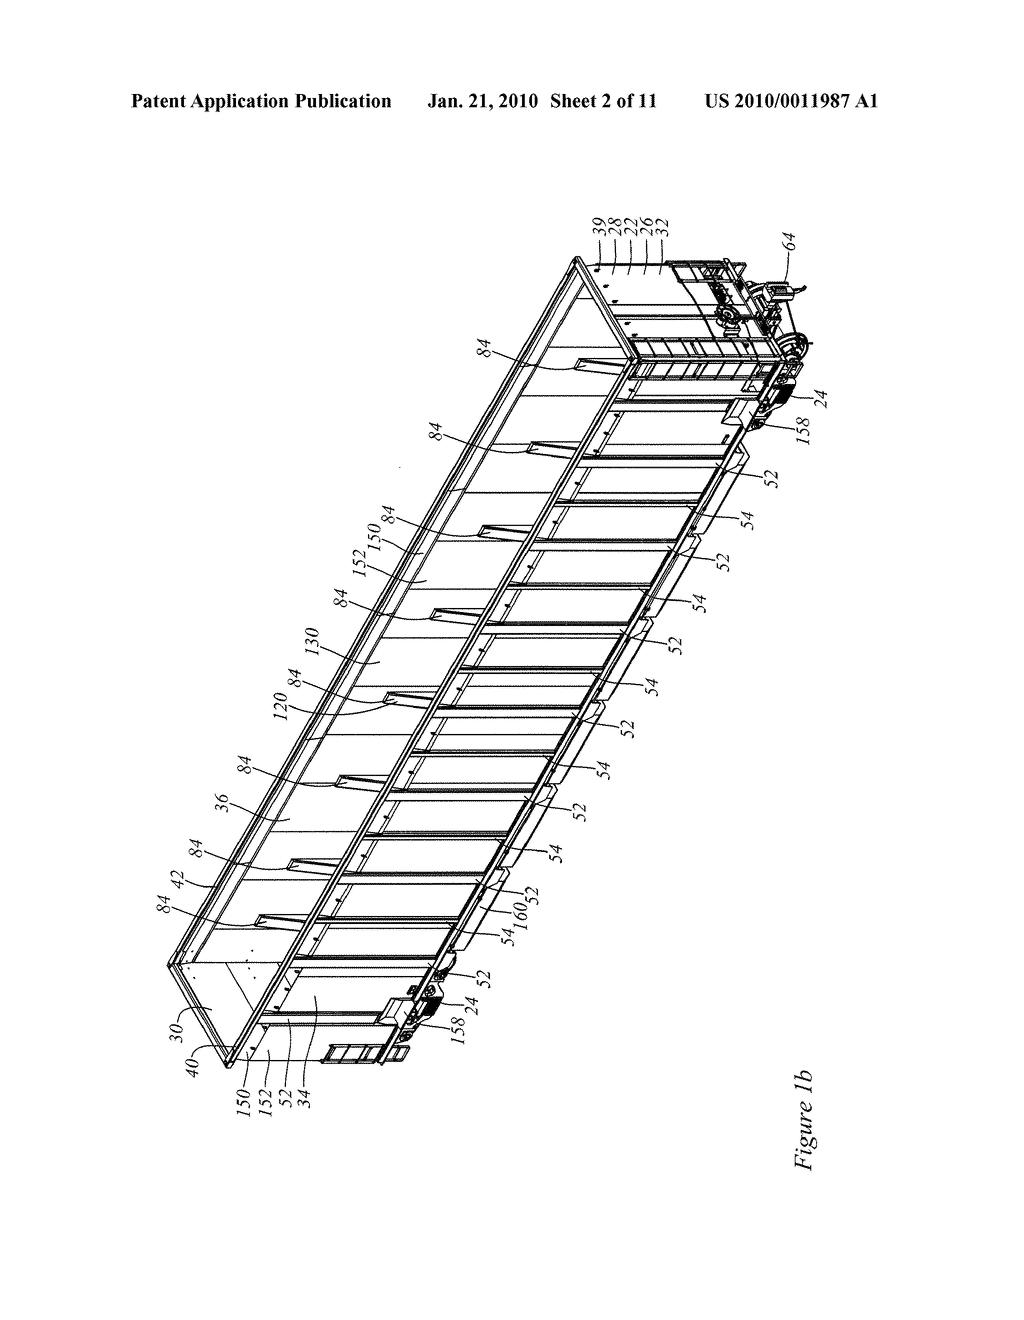 Gondola Car Diagram - Wiring Diagrams